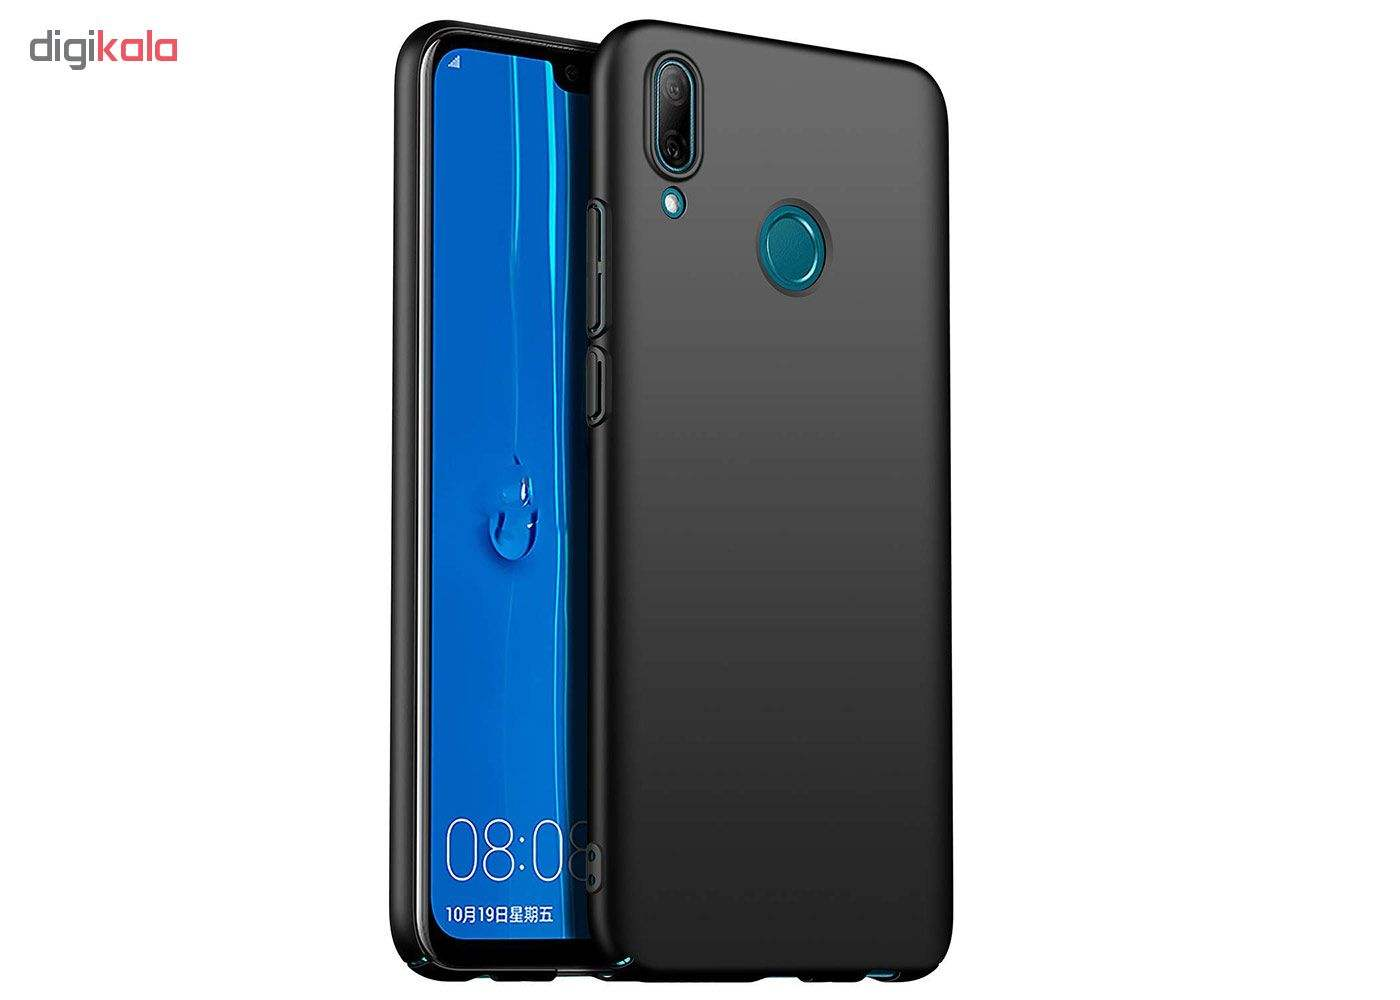 کاور مدل Hard Case مناسب برای گوشی موبایل هوآوی Y9 2019 main 1 2